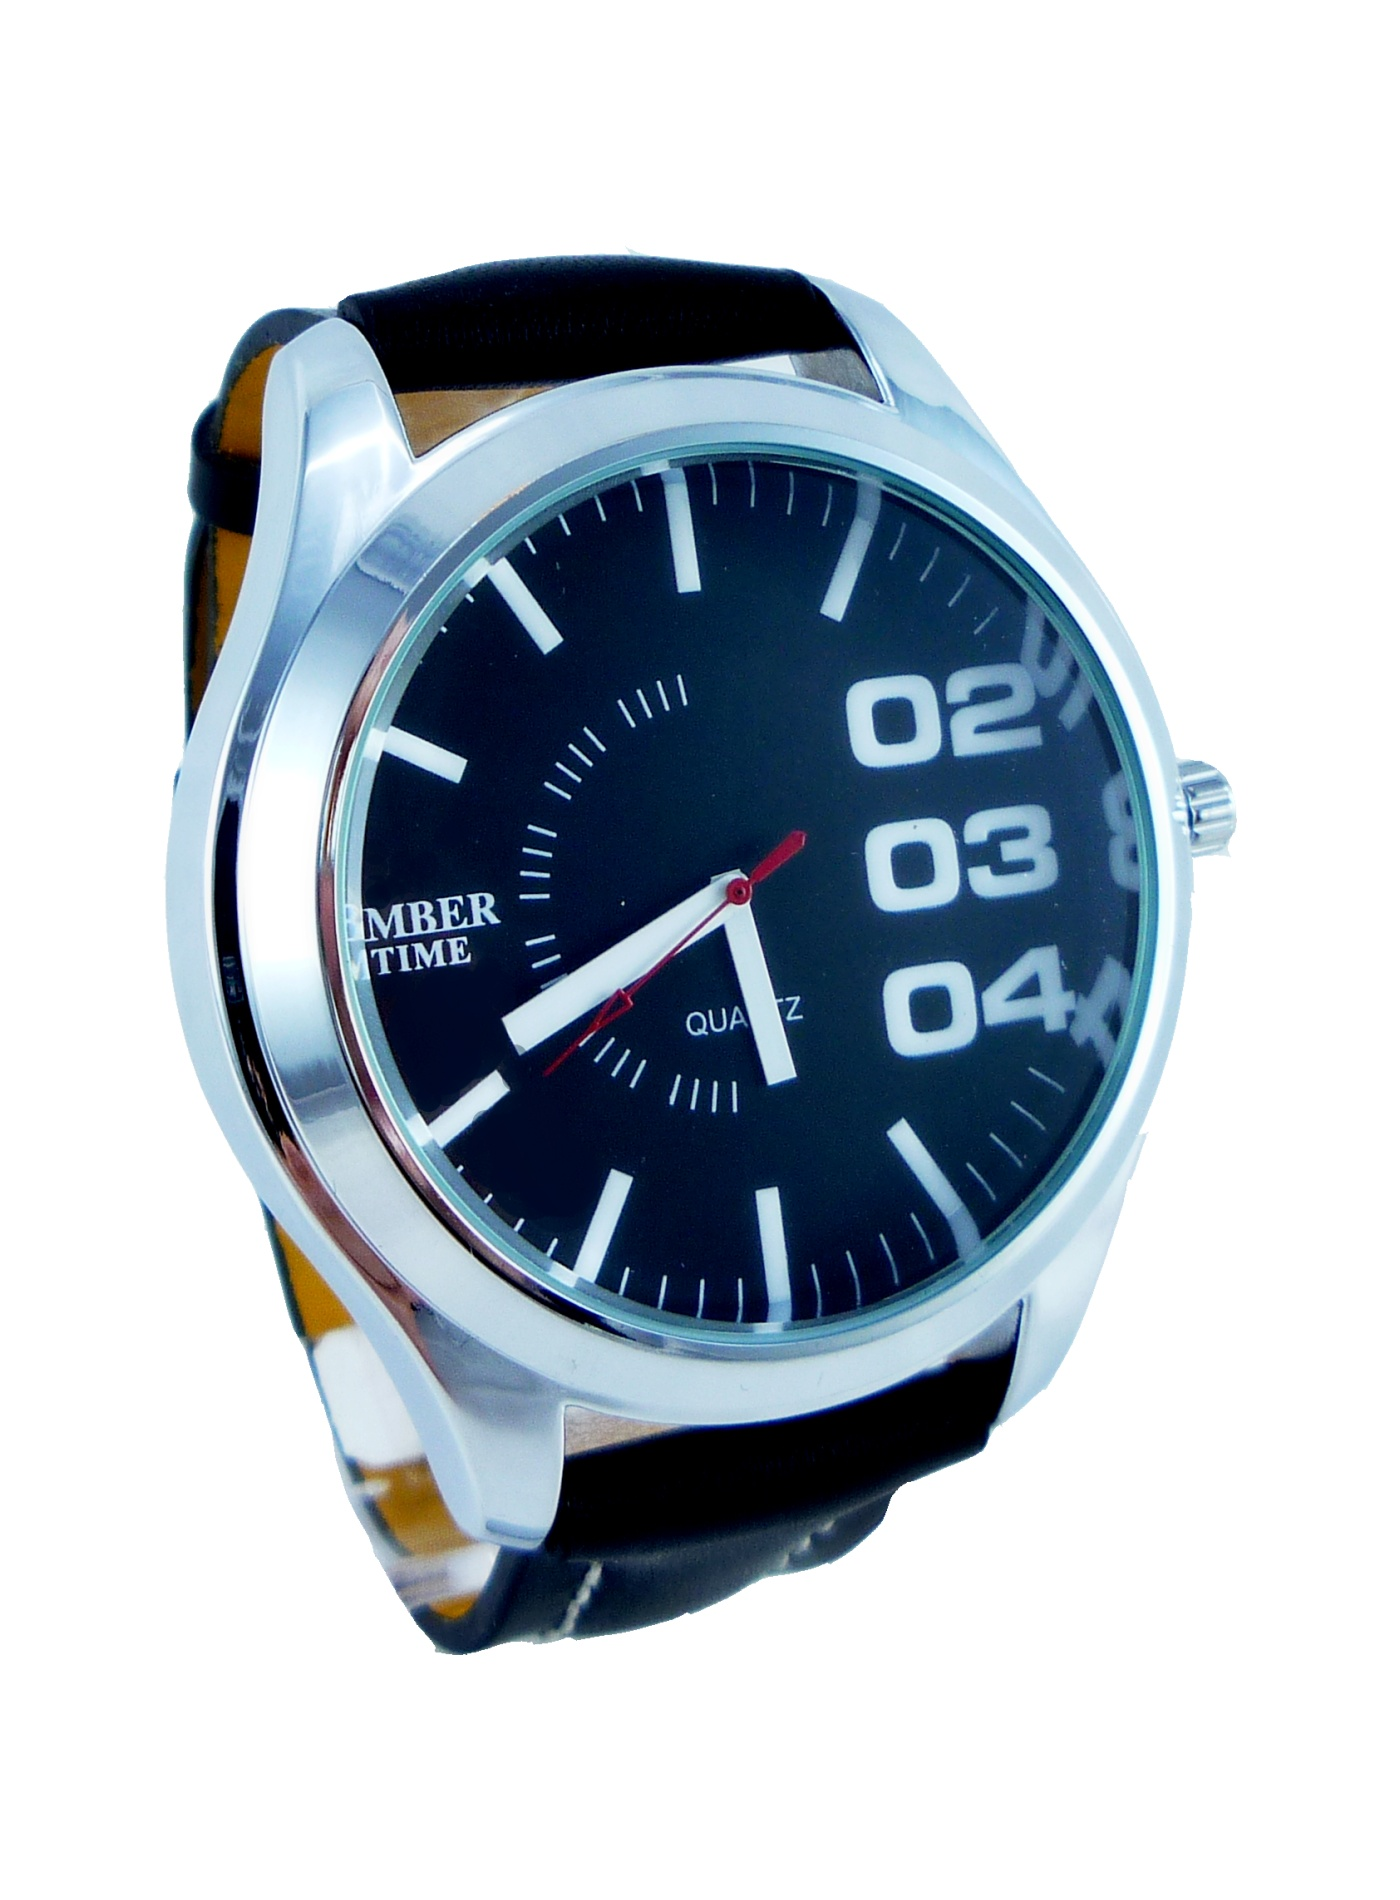 Pánské kožené hodinky AMBER Time black 098P